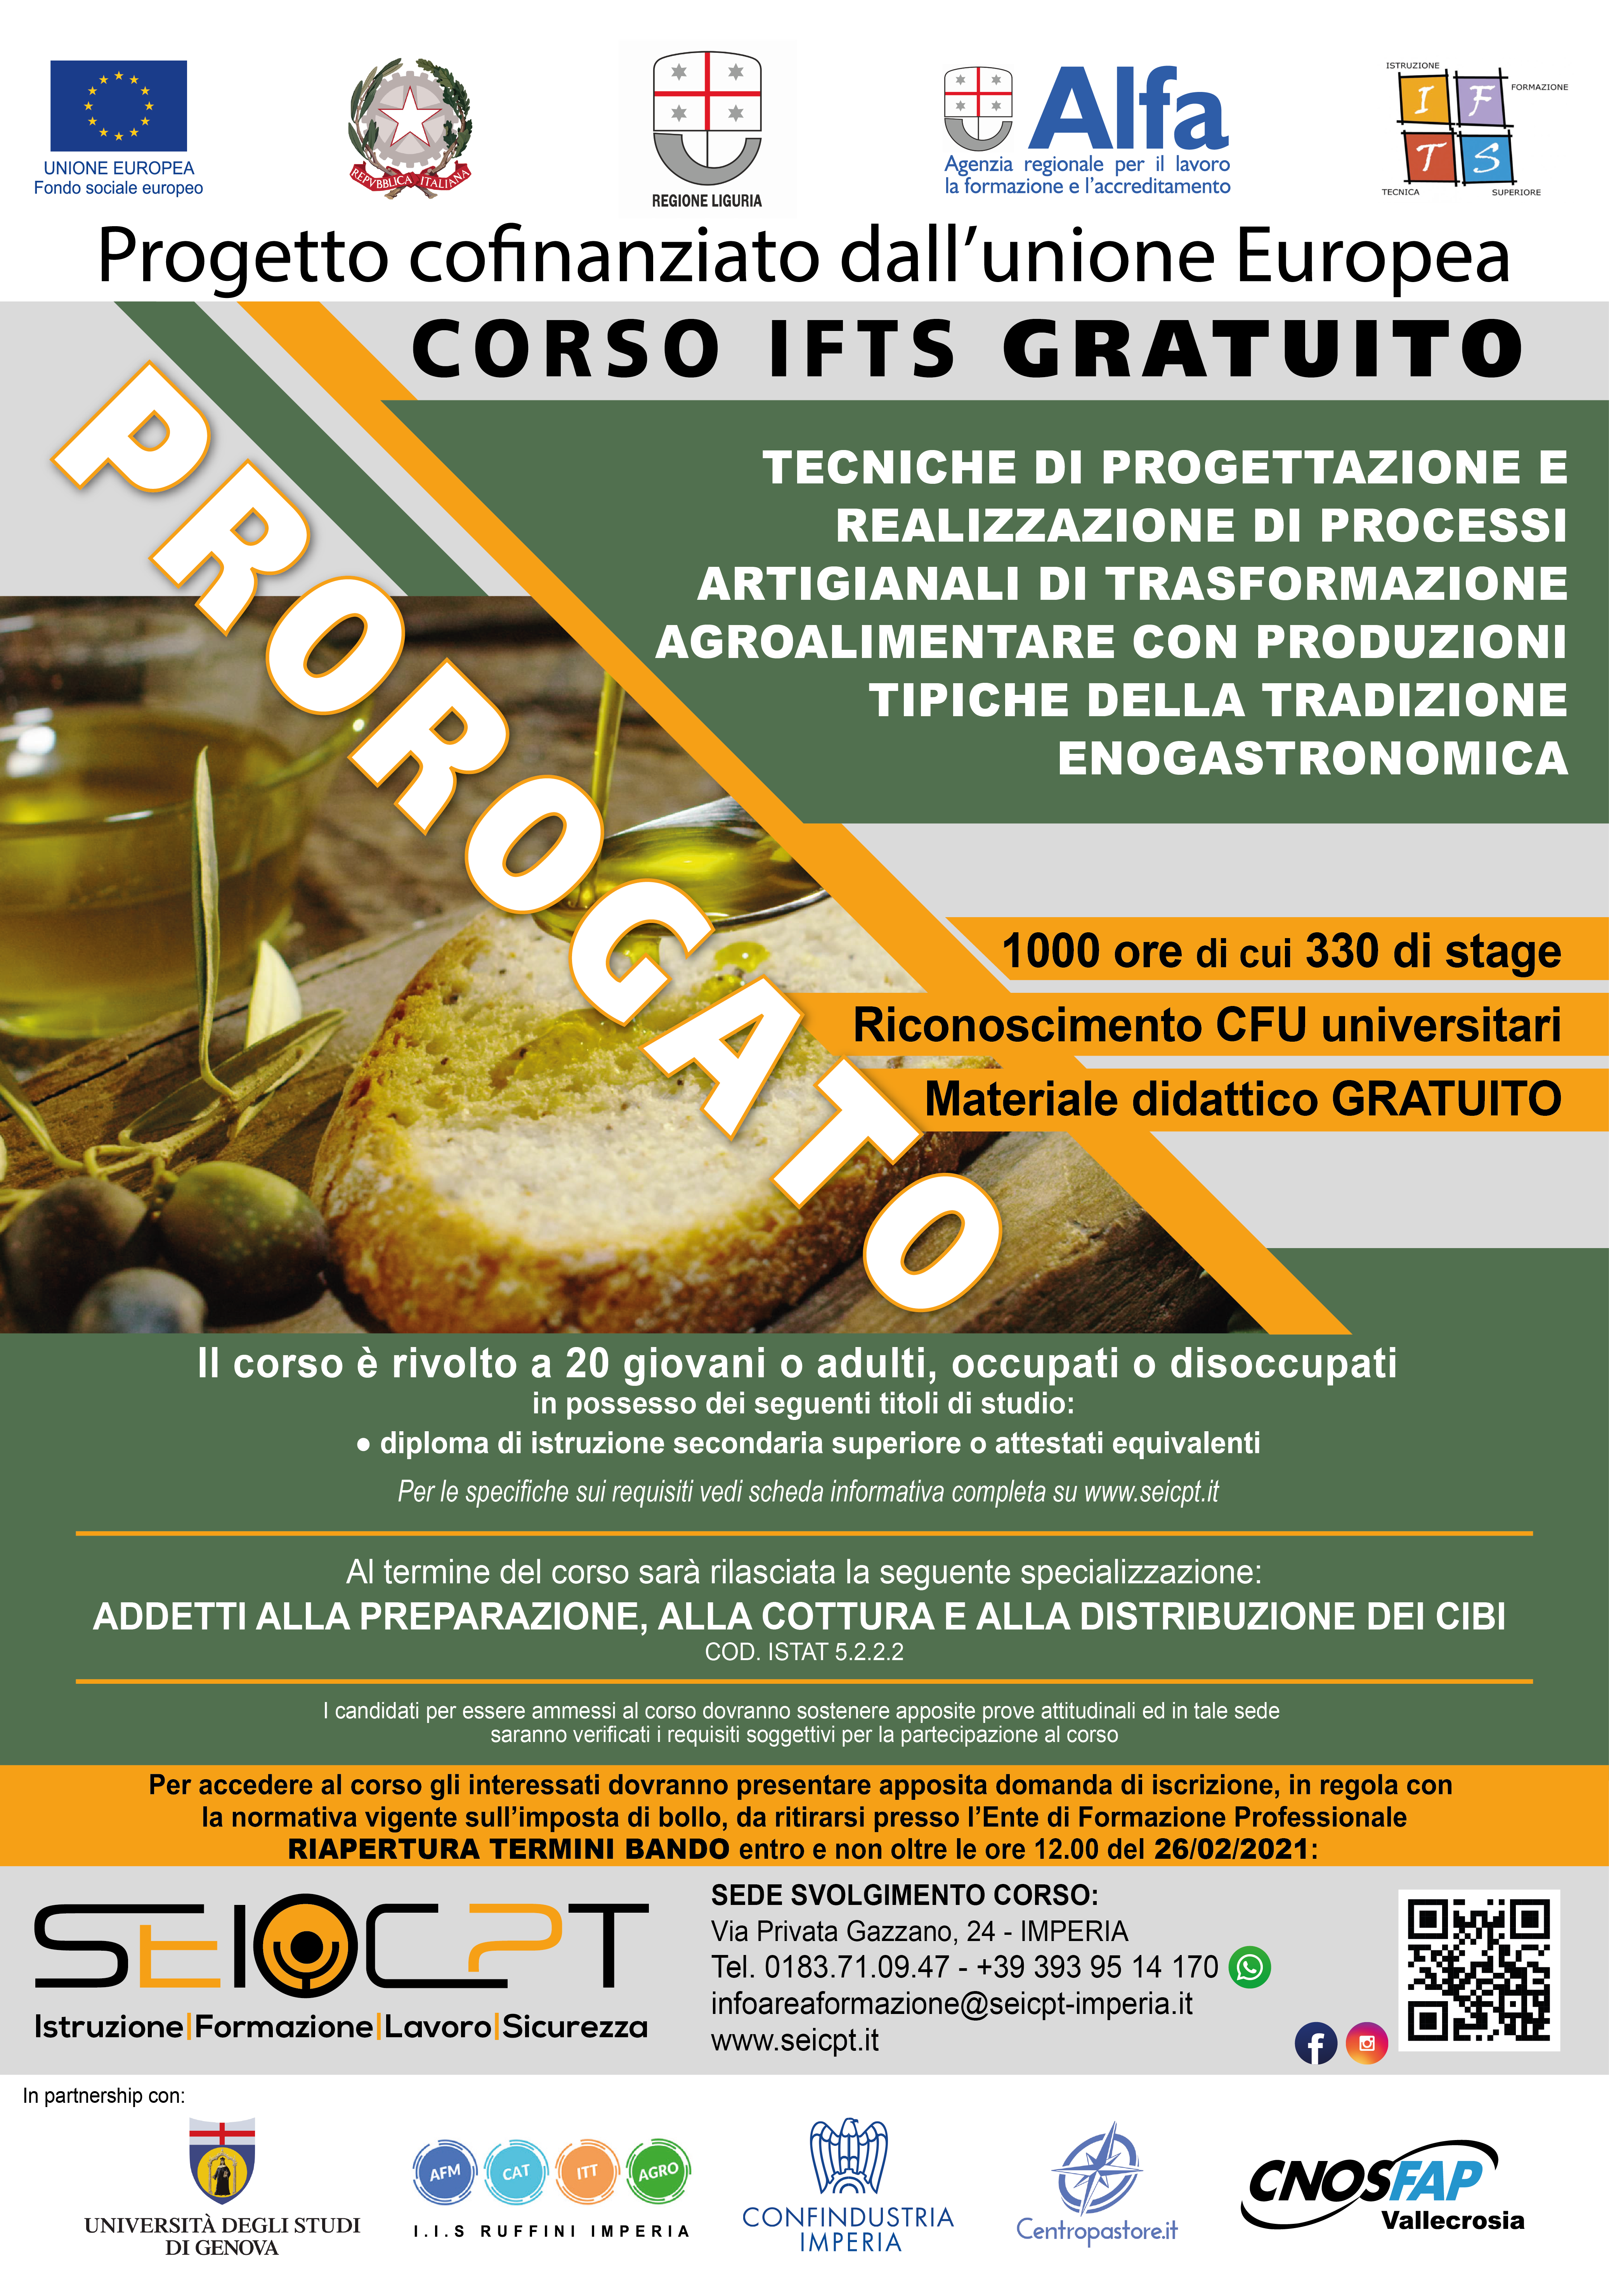 BANDO prorogato: Tecniche di progettazione e realizzazione agroalimentare (dal 01/12/2020 al 26/02/2021)